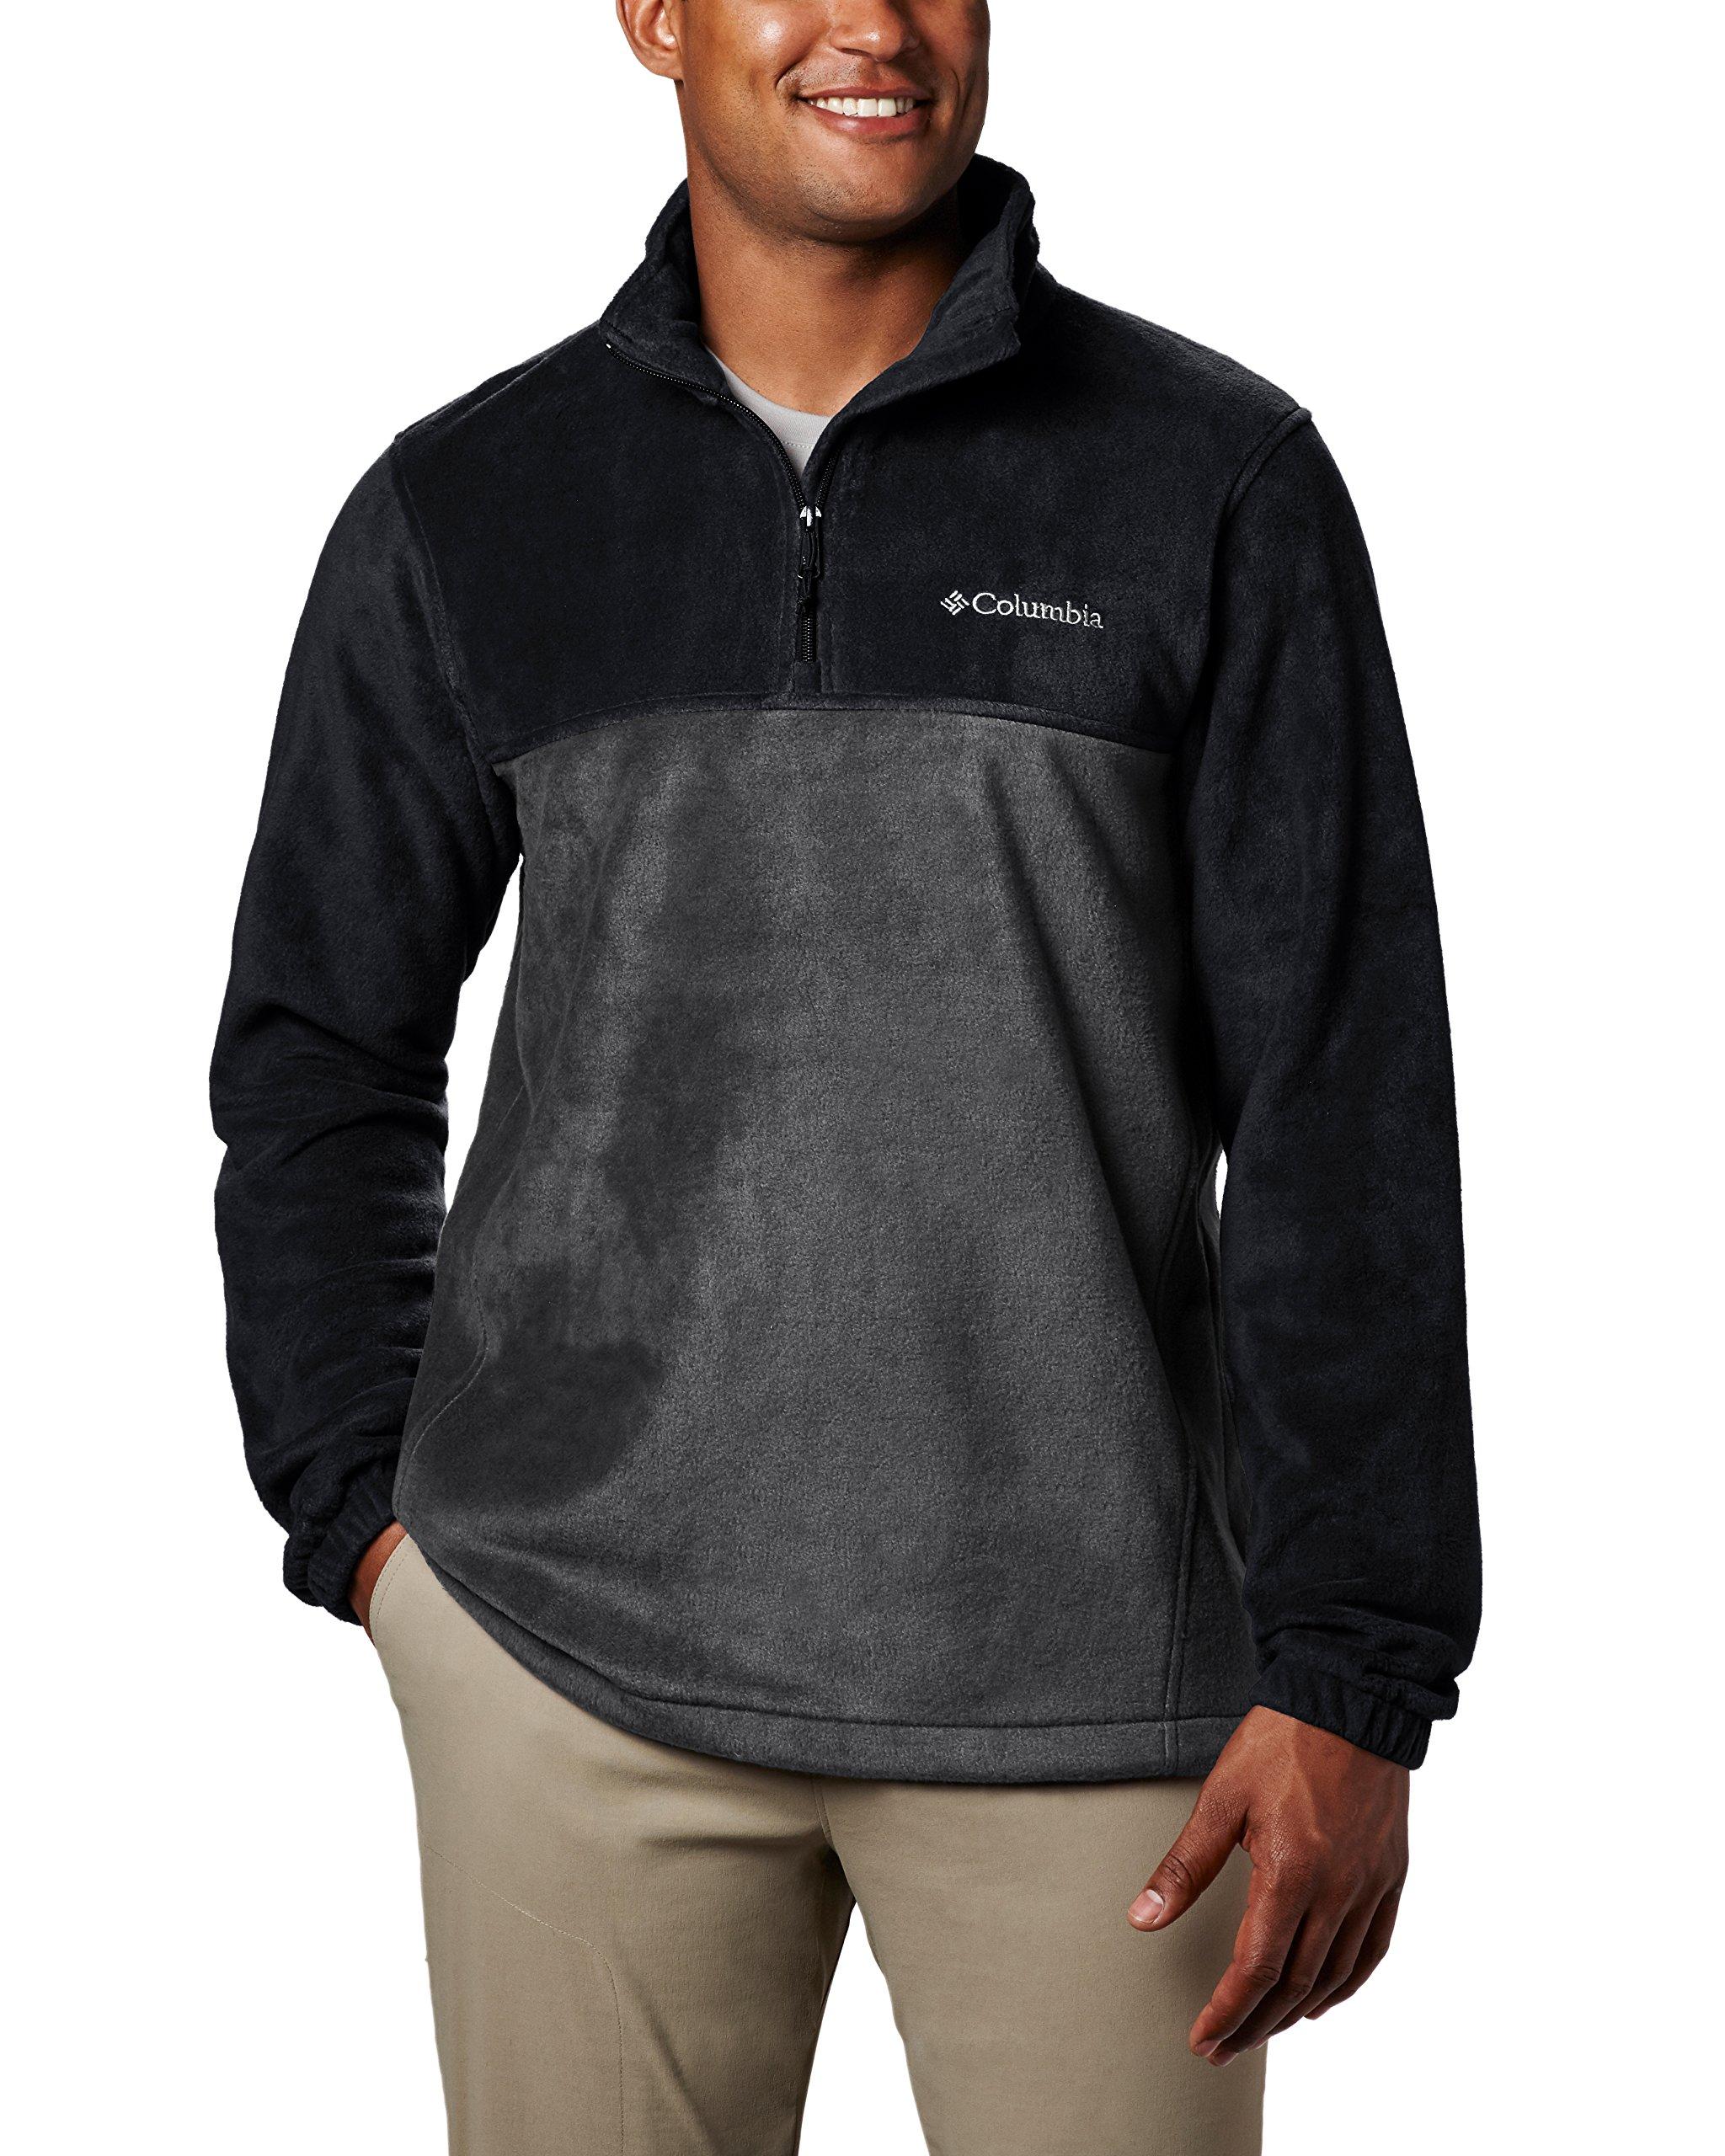 Columbia Men's Steens Mountain Half Zip Soft Fleece Jacket, Black/Grill, Large